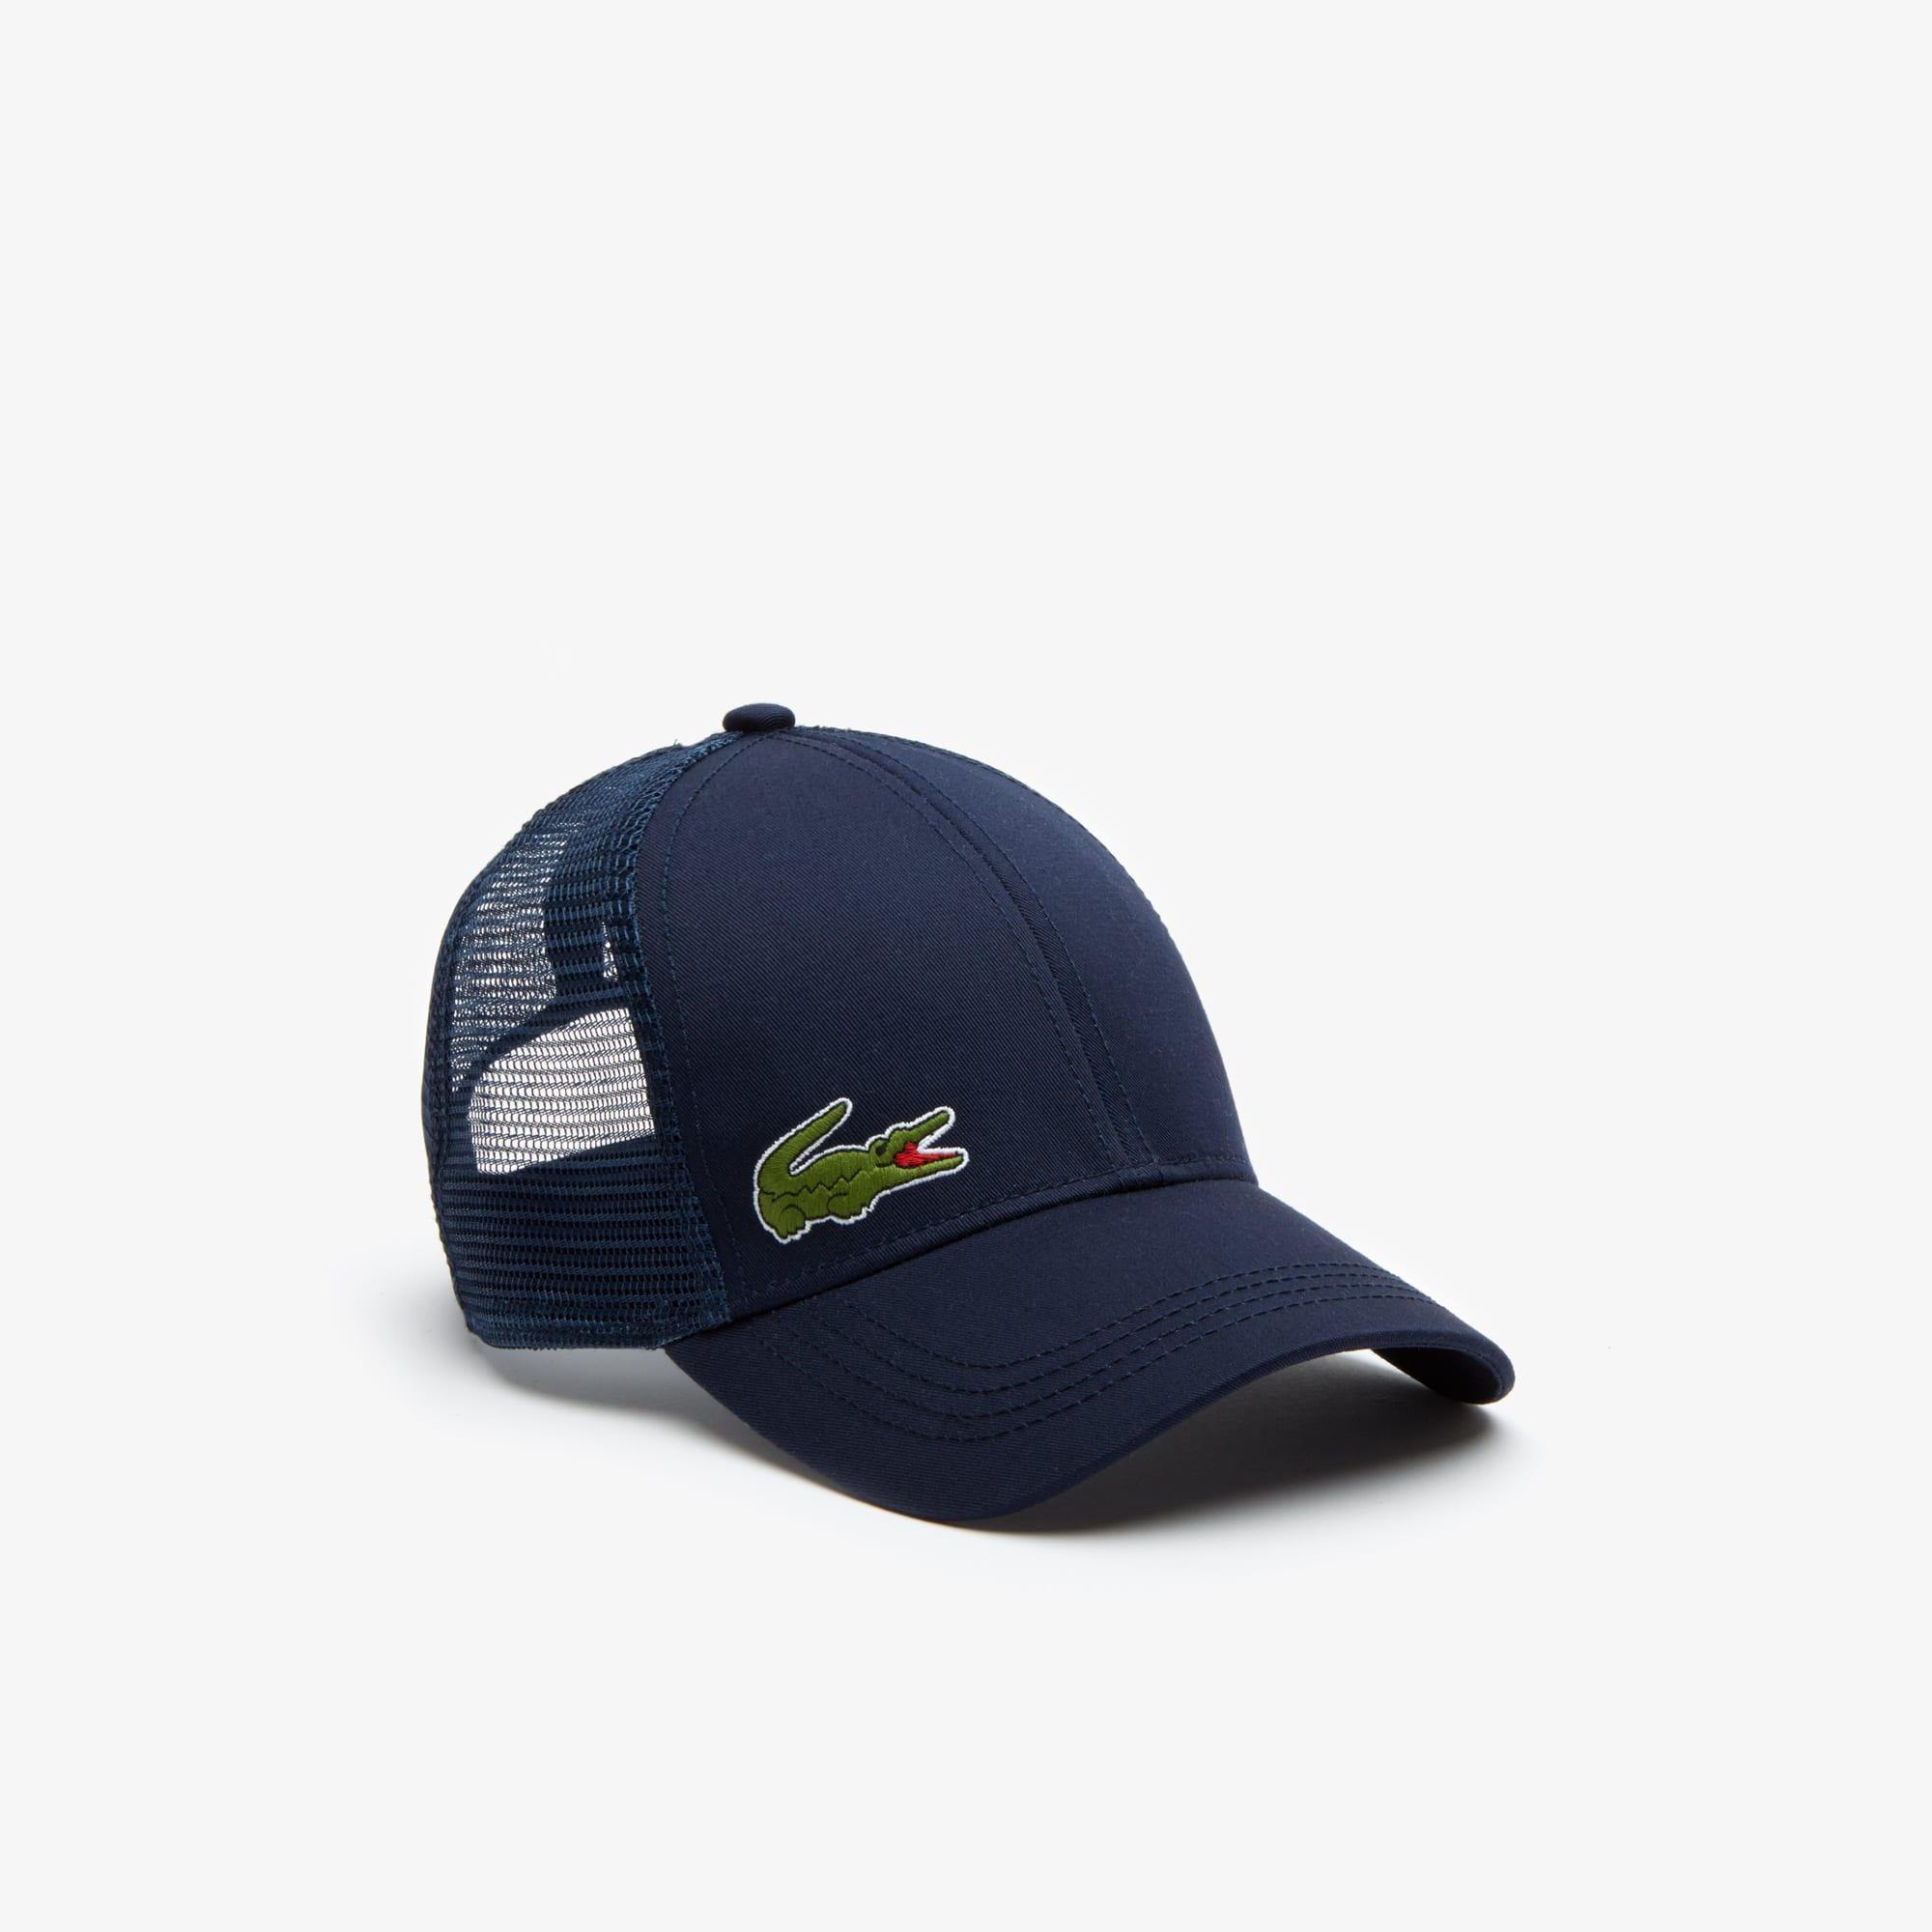 ebab3c5566175 Men s Caps   Hats